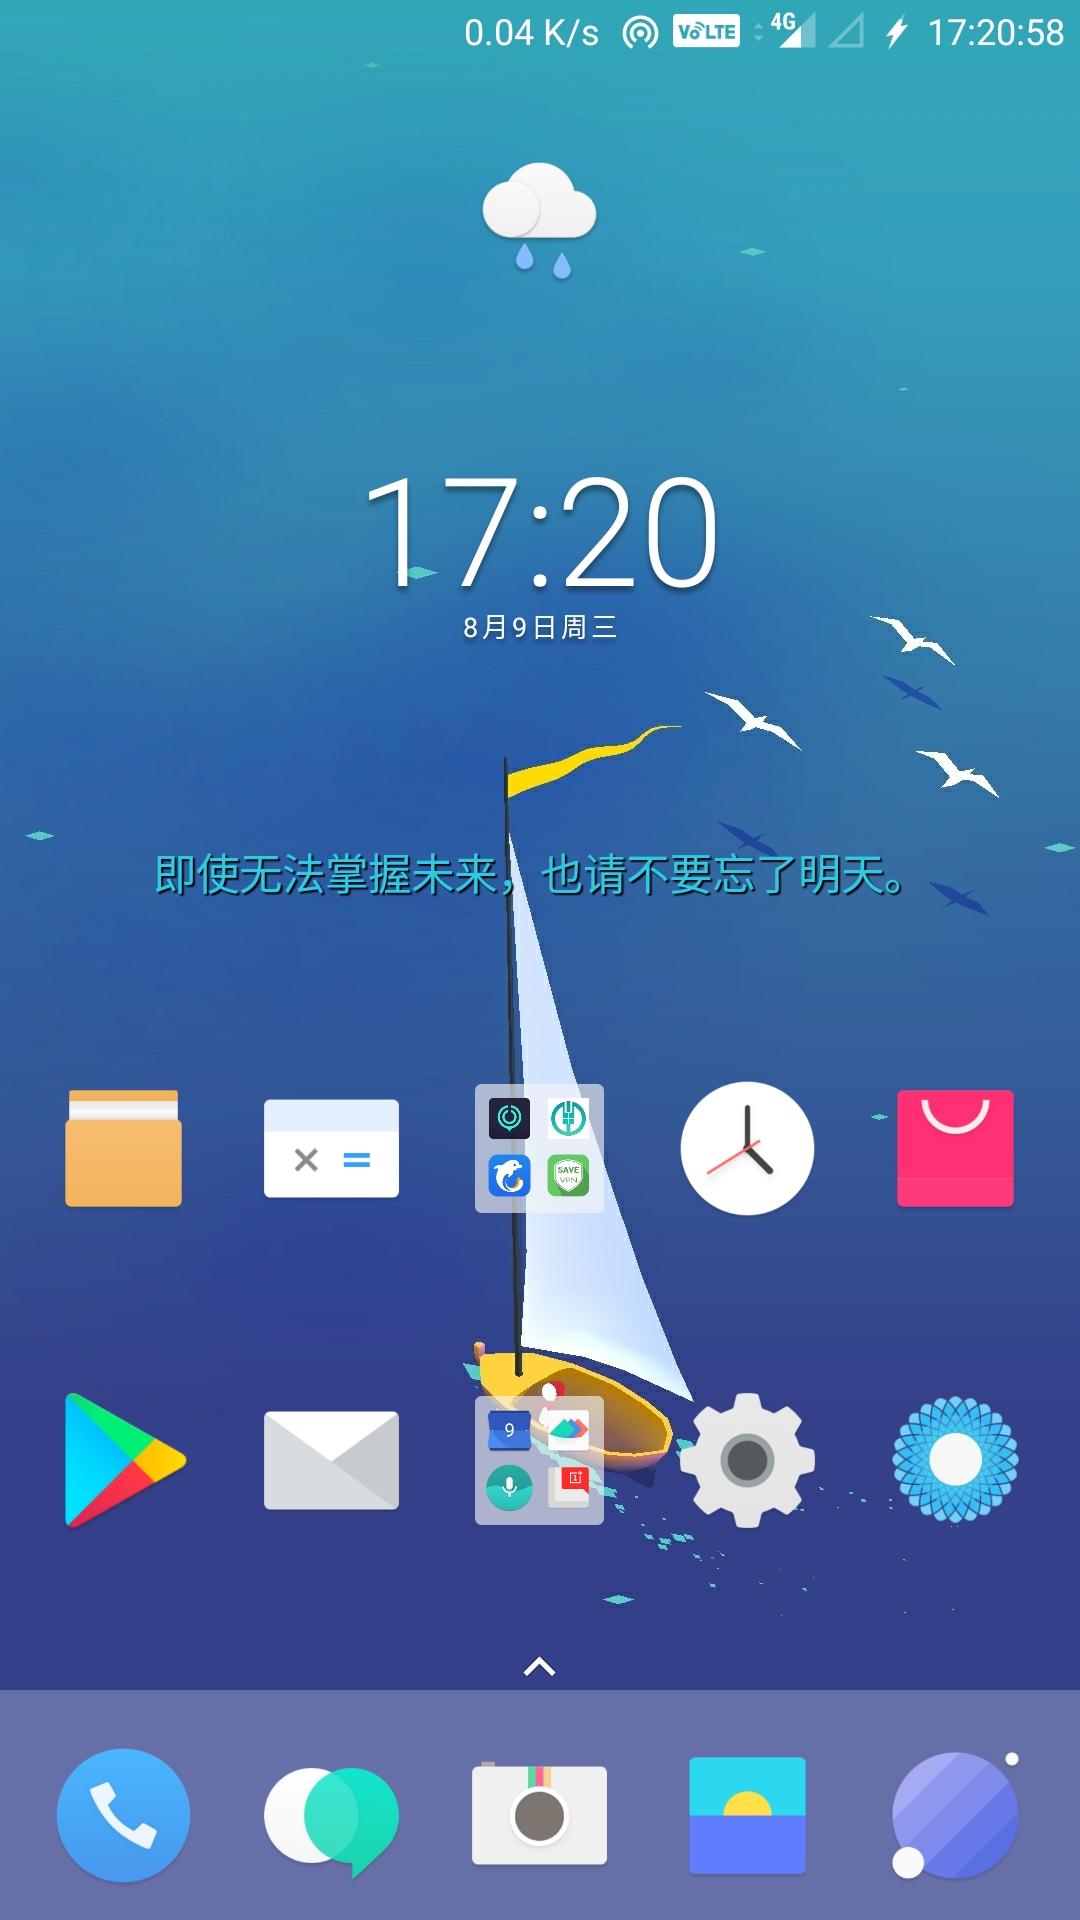 Screenshot_20170809-172058.jpg